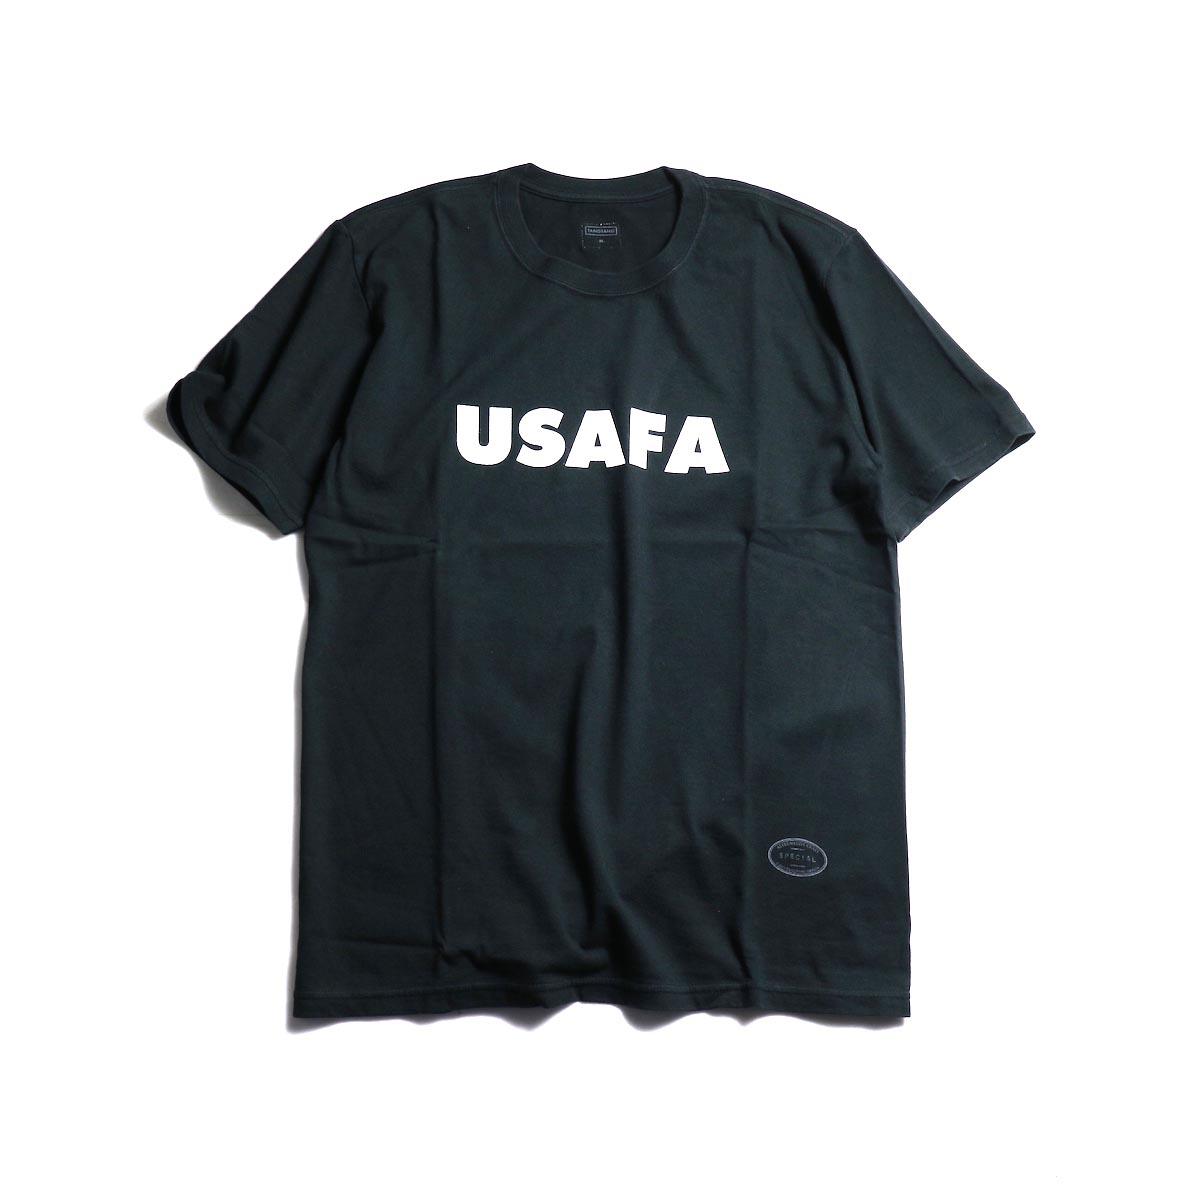 TANGTANG / AIN'T -USAFA